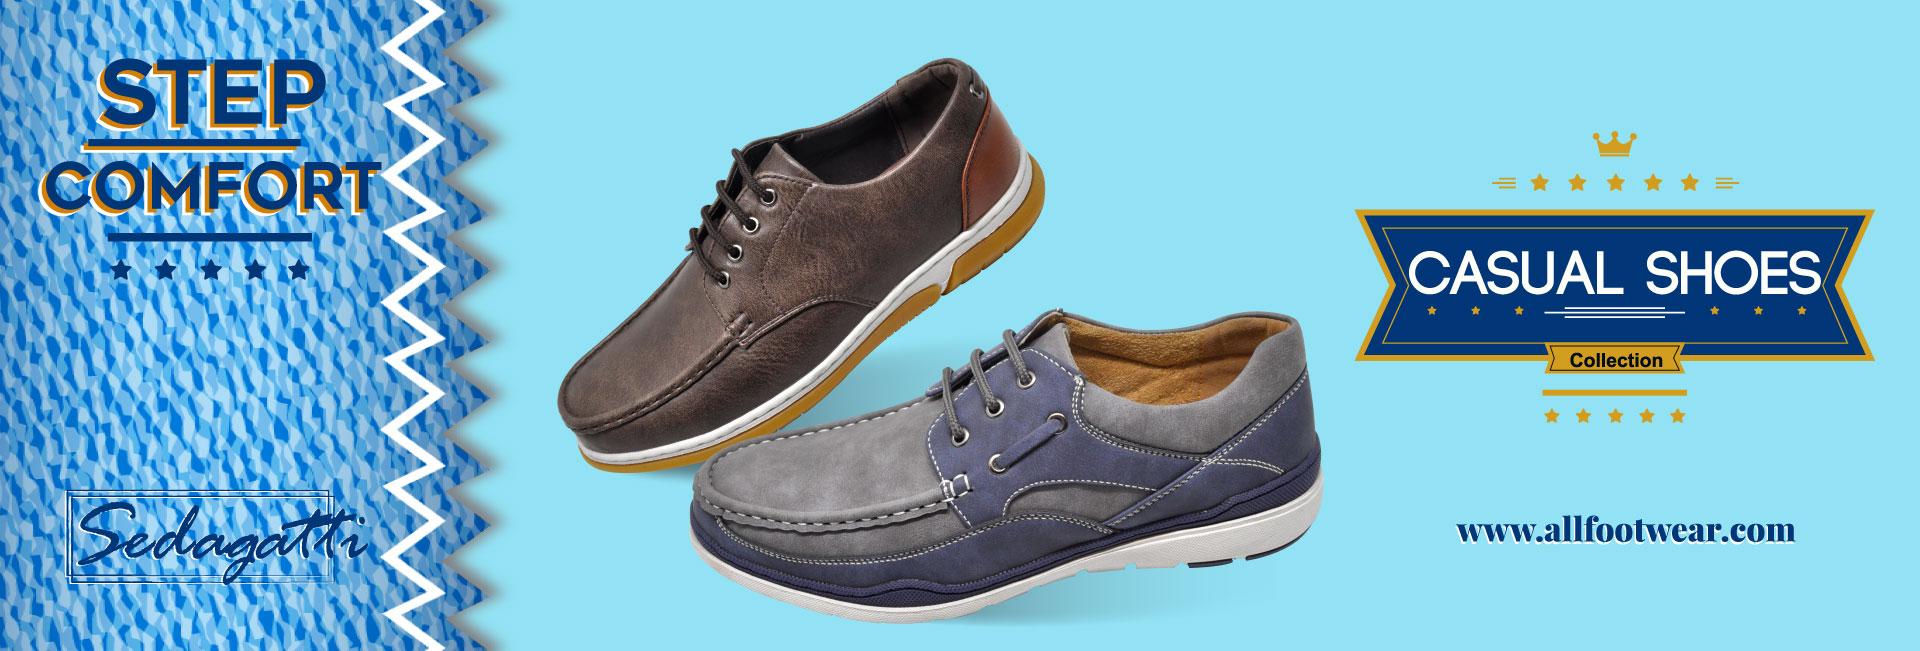 casual shoes, boat shoes, wholesale sale